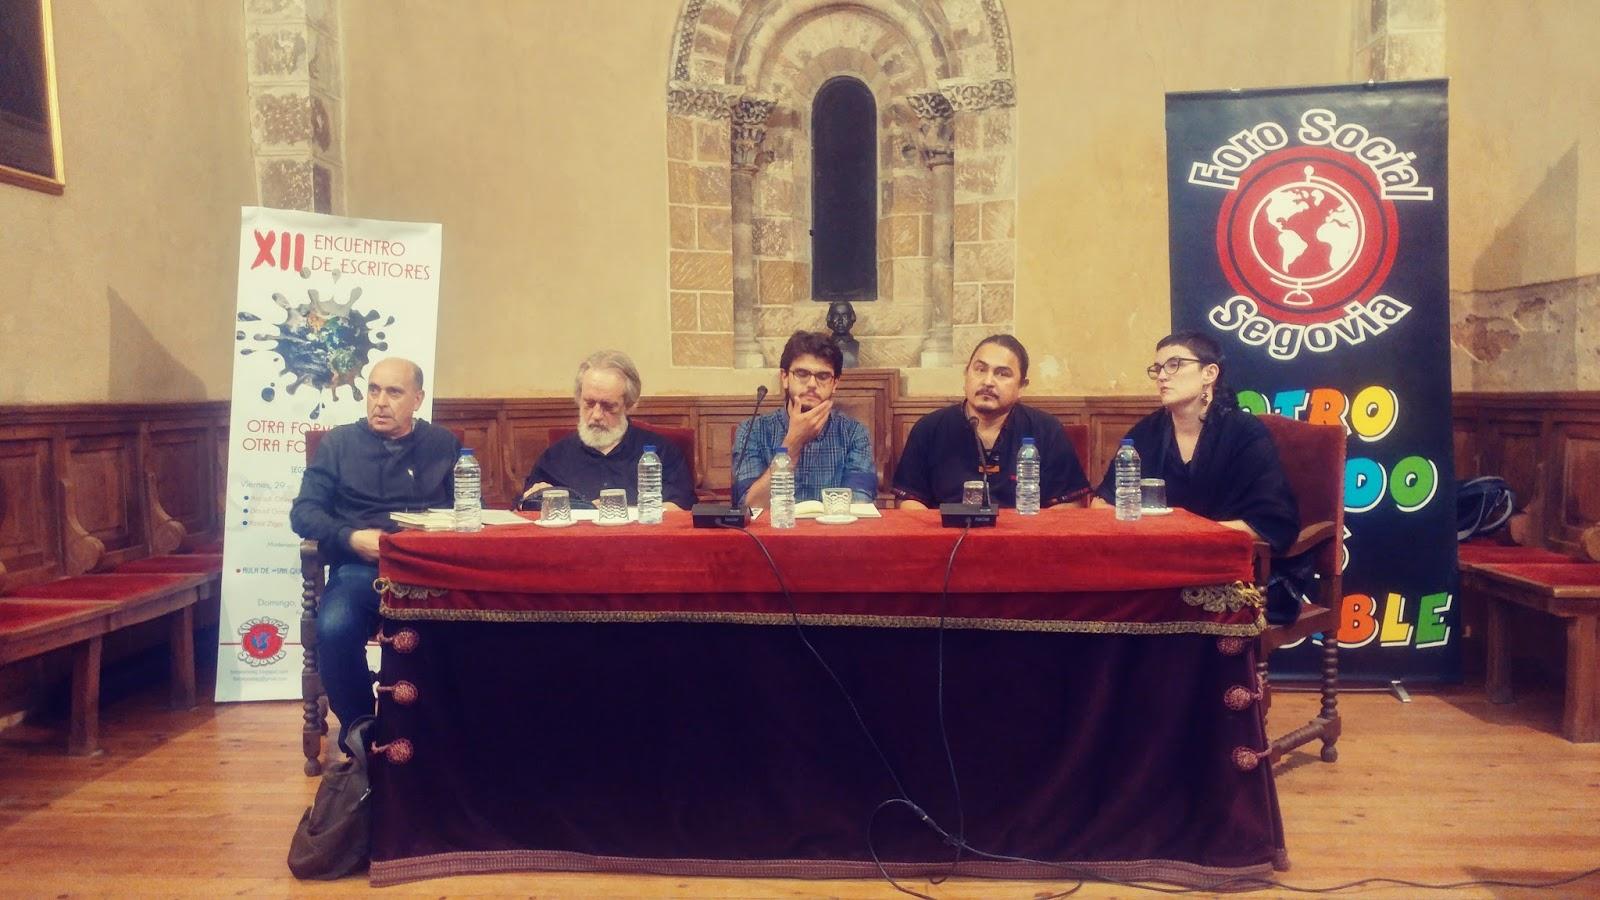 FORO SOCIAL SEGOVIA: Segunda Jornada del XII Encuentro de Escritores ...